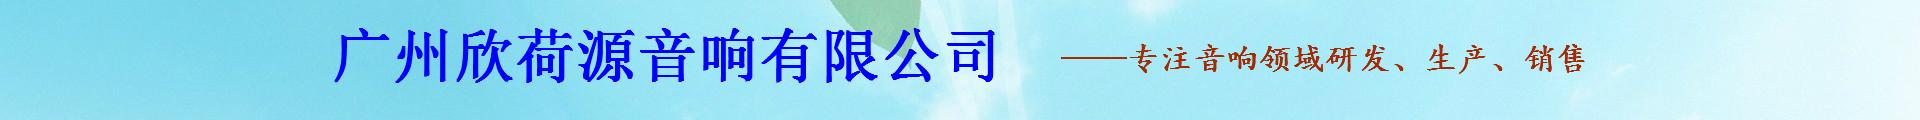 广州欣荷源音响有限公司